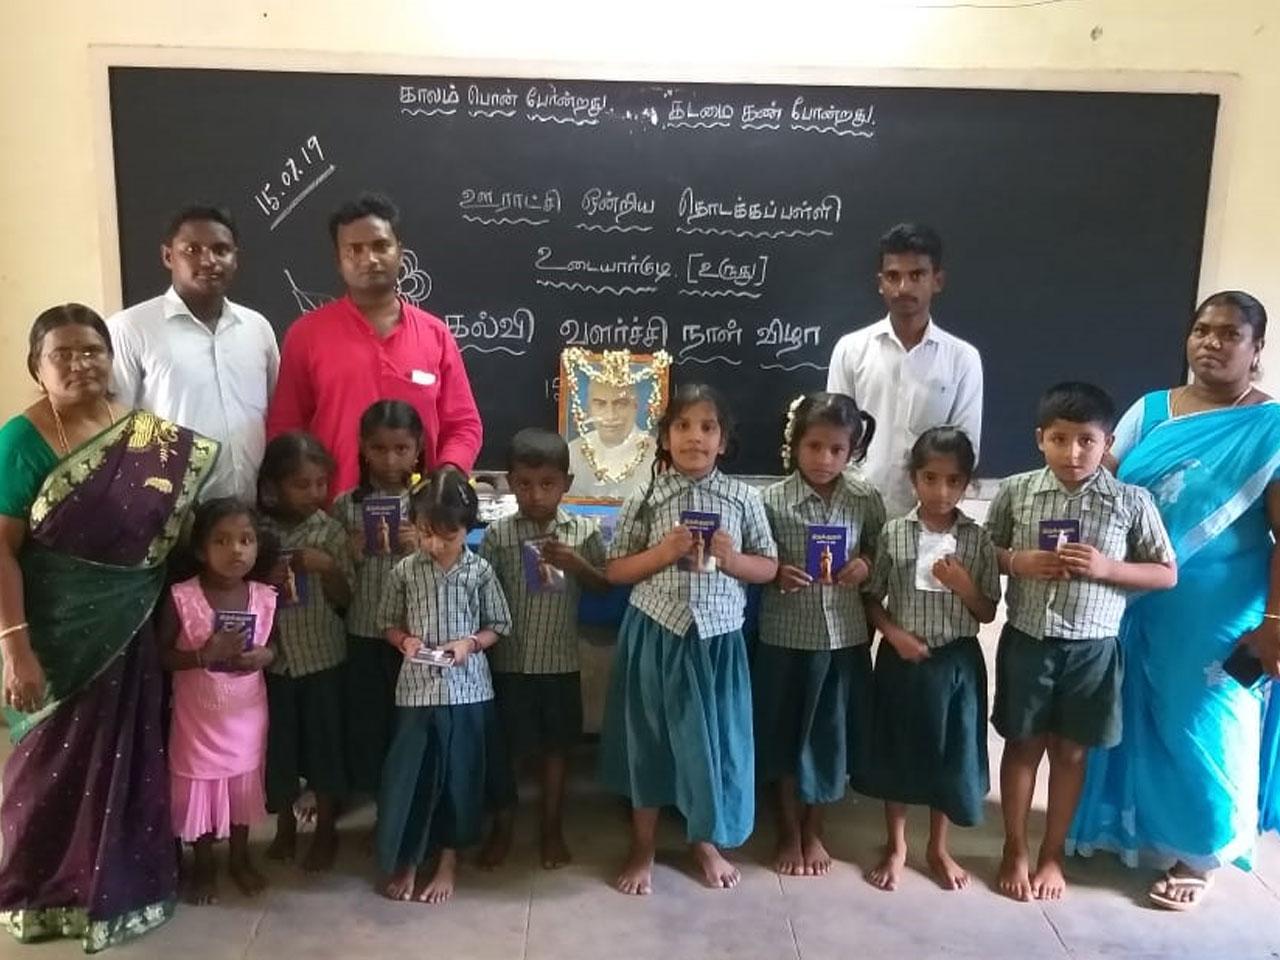 காமராசர் பிறந்த நாள்-பள்ளி குழந்தைகளுக்கு உபகரணங்கள் வழங்குதல்